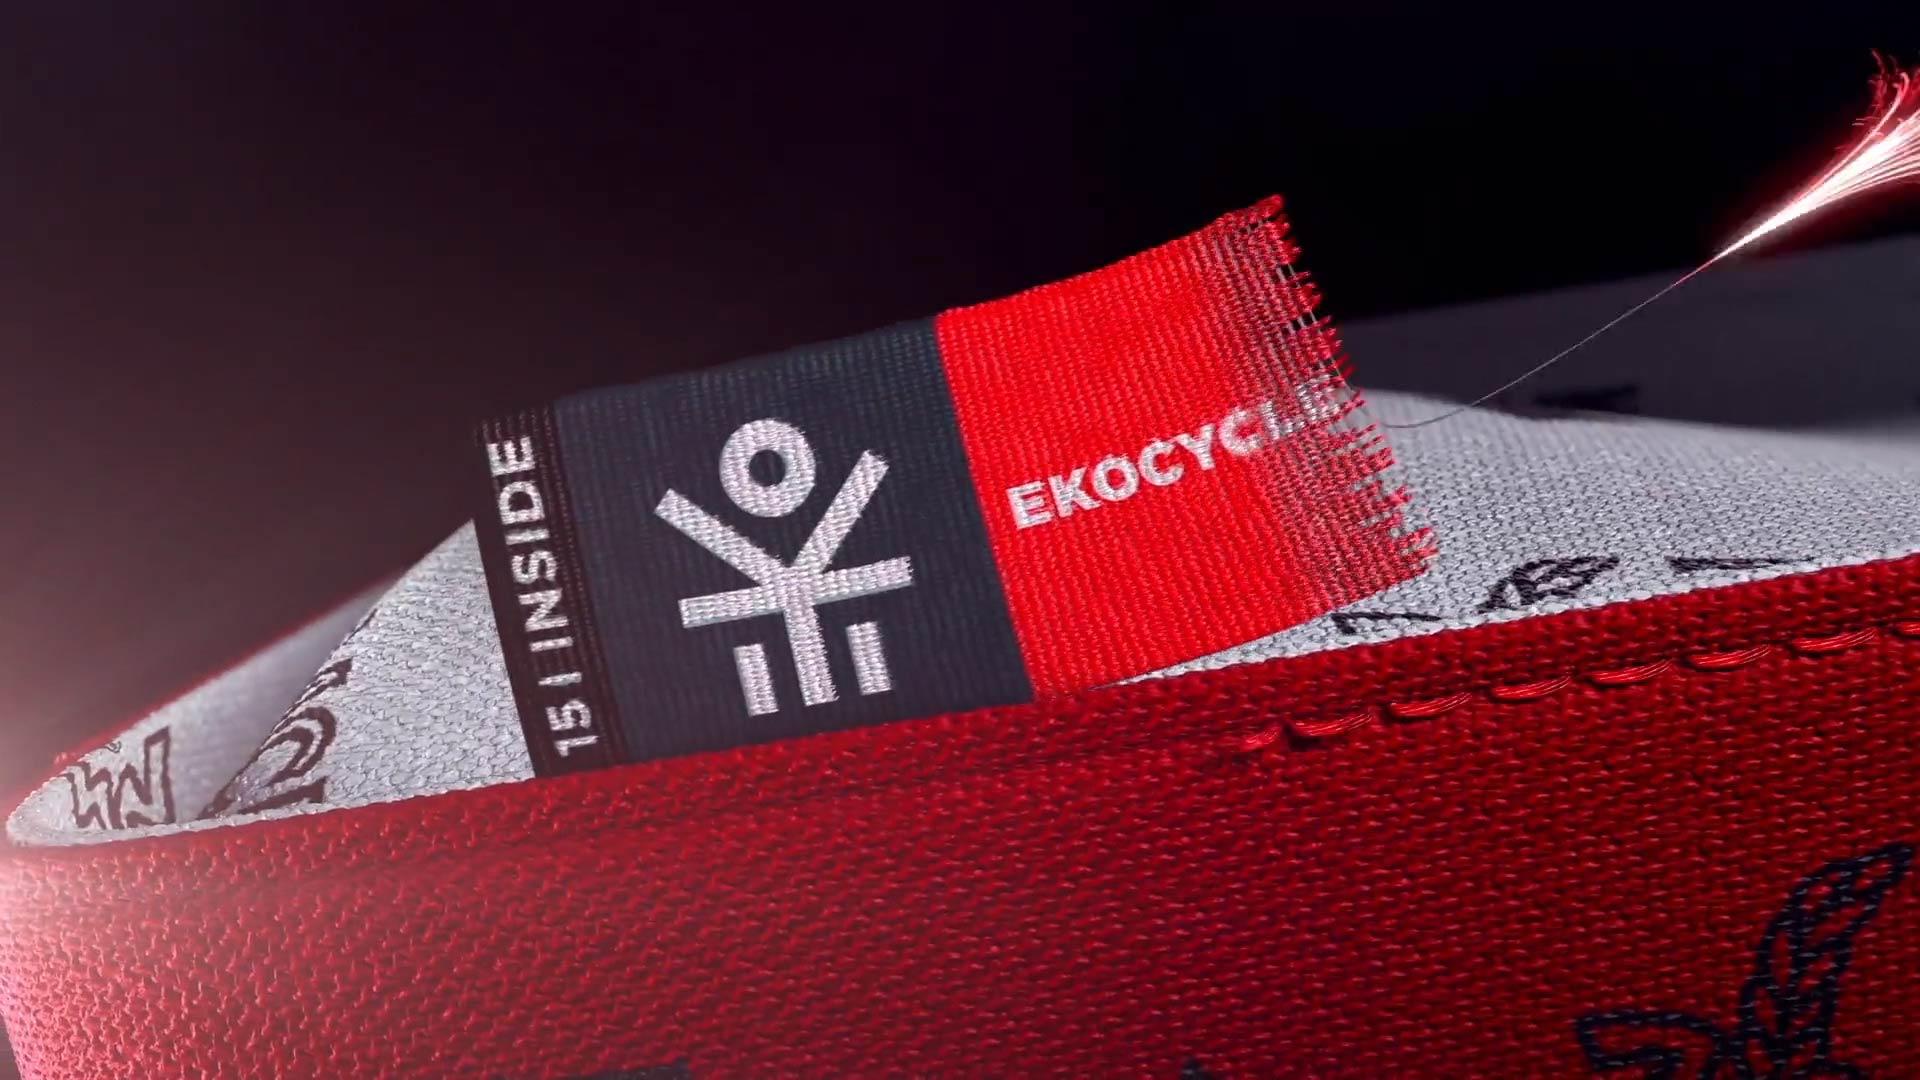 ekocycle_10.jpg